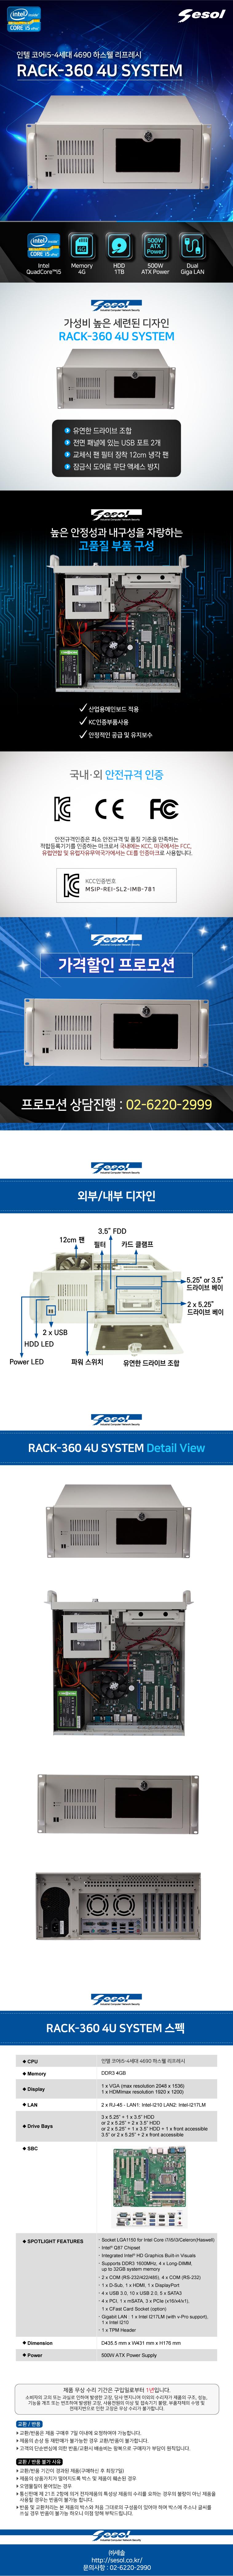 세솔  RACK-360 시스템(4GB)